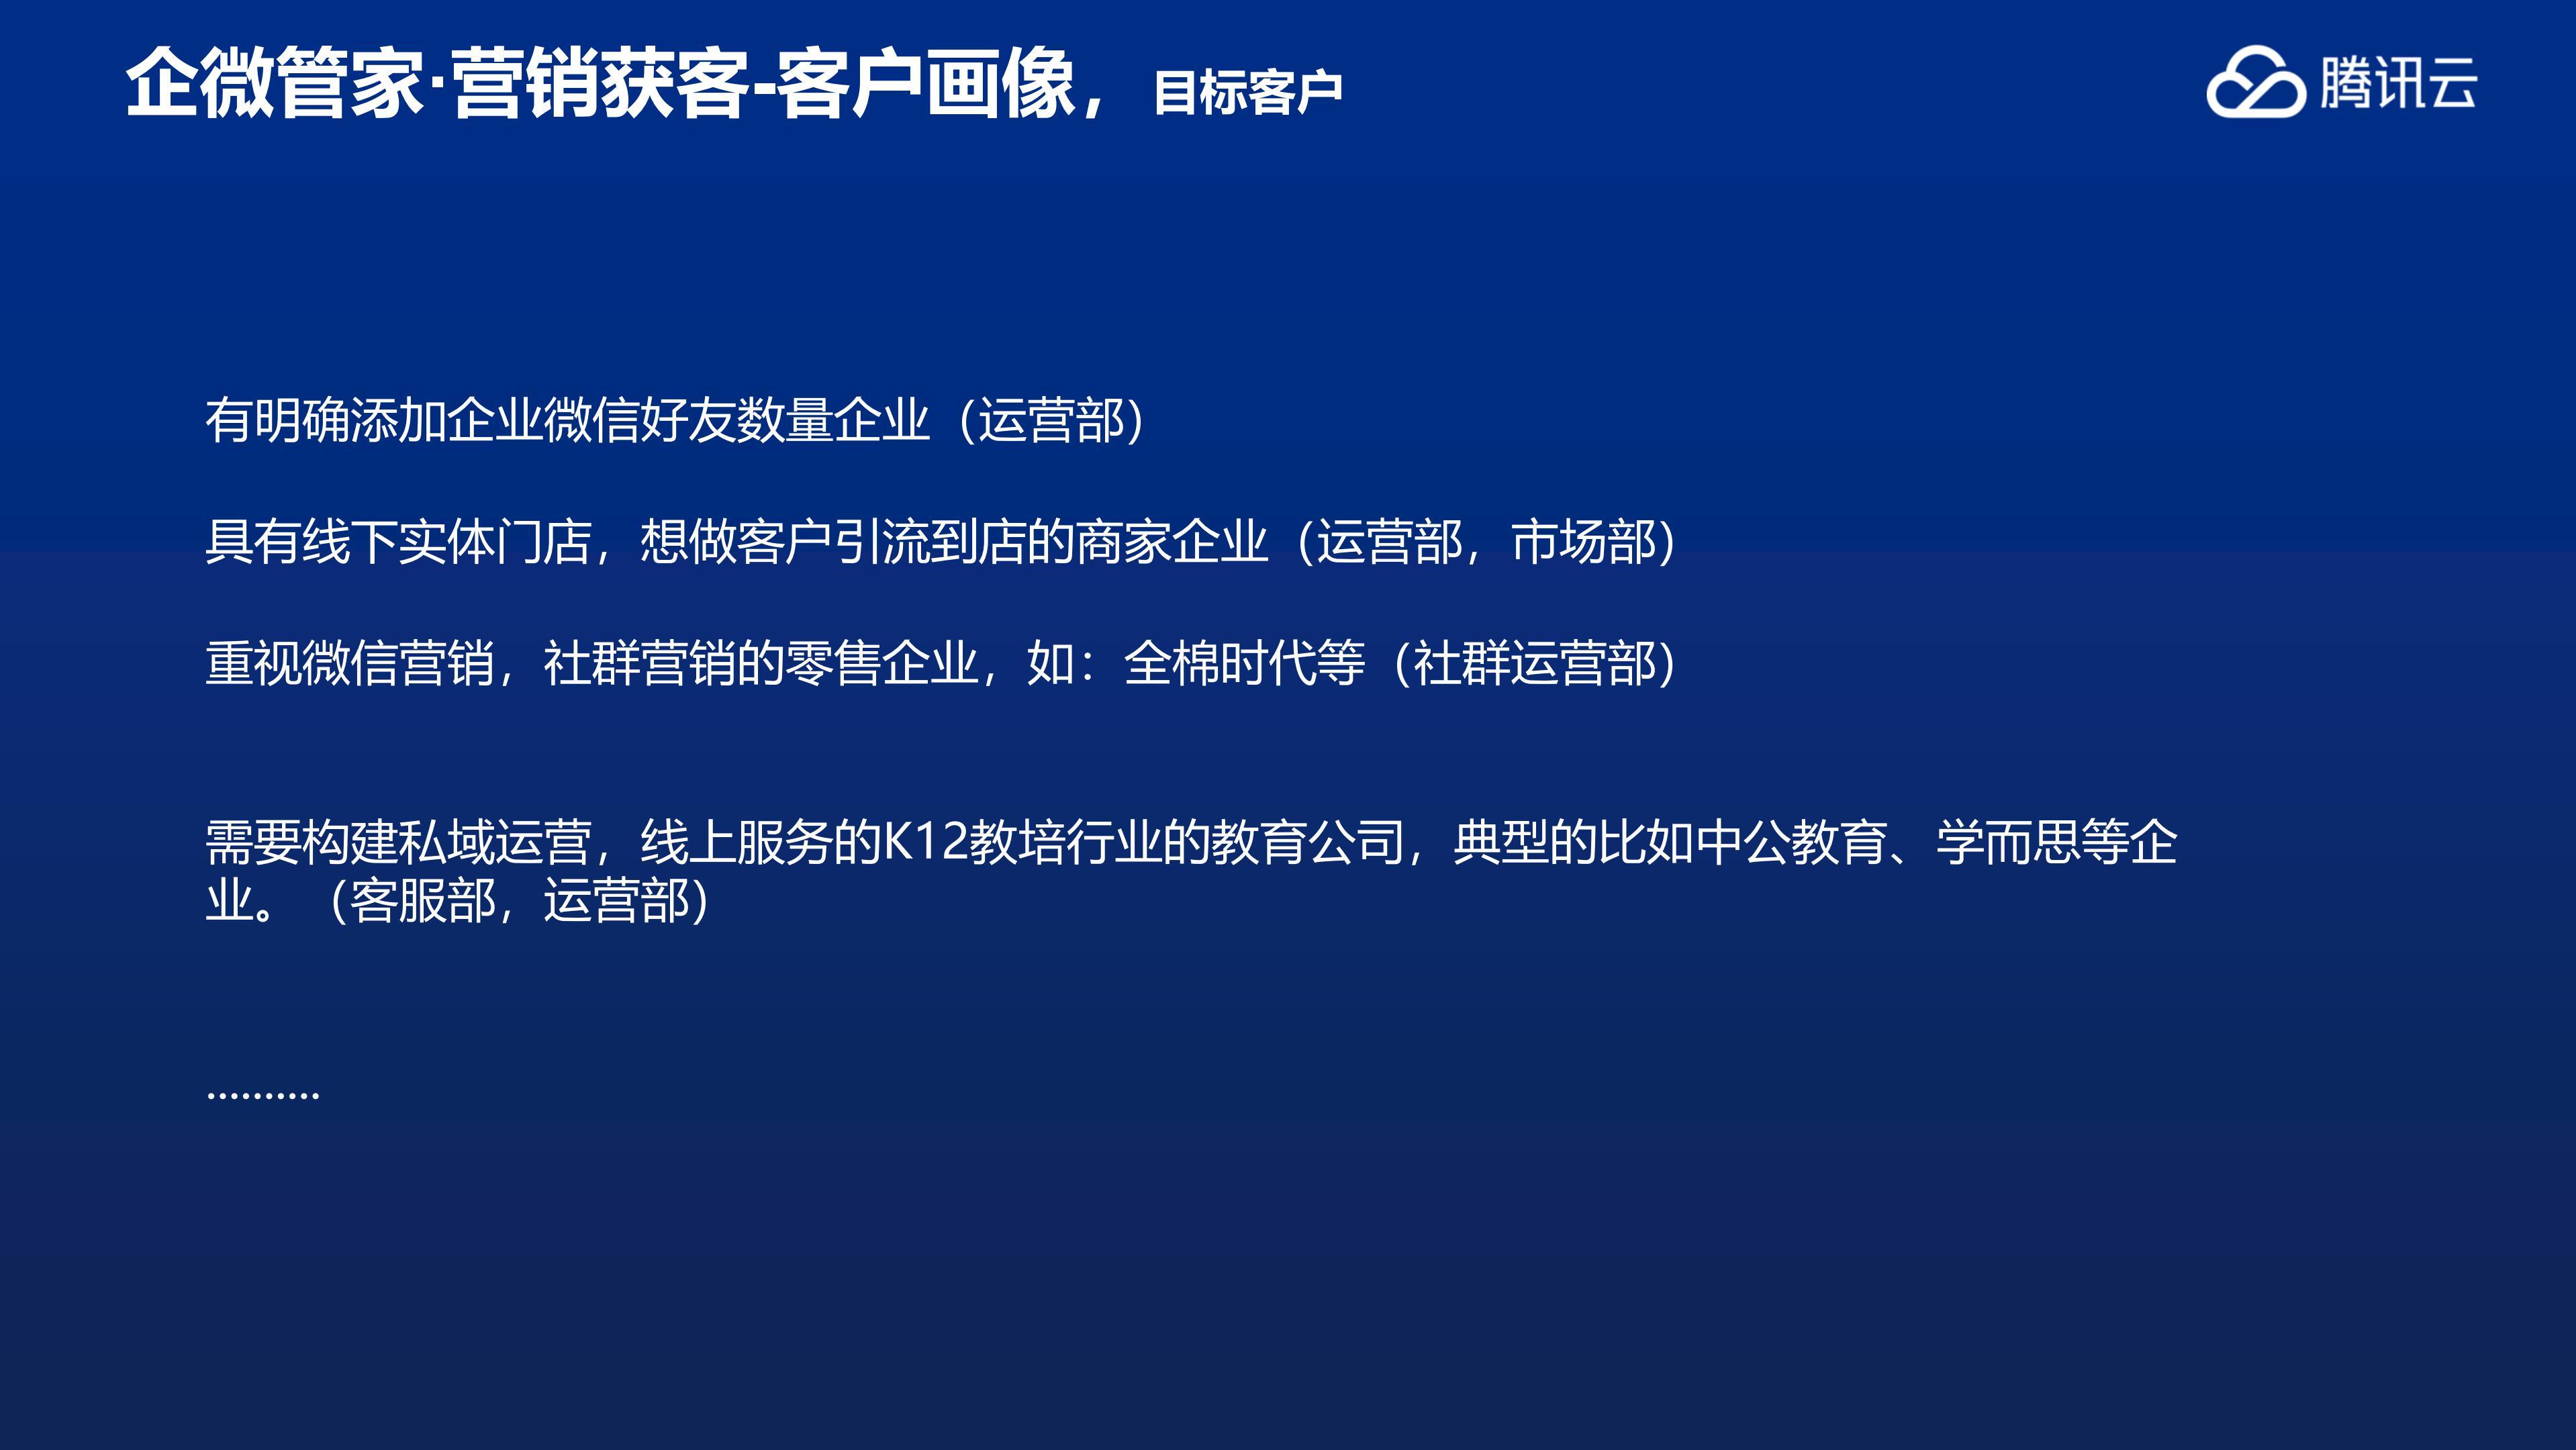 腾讯云企微管家产品介绍_23.jpg